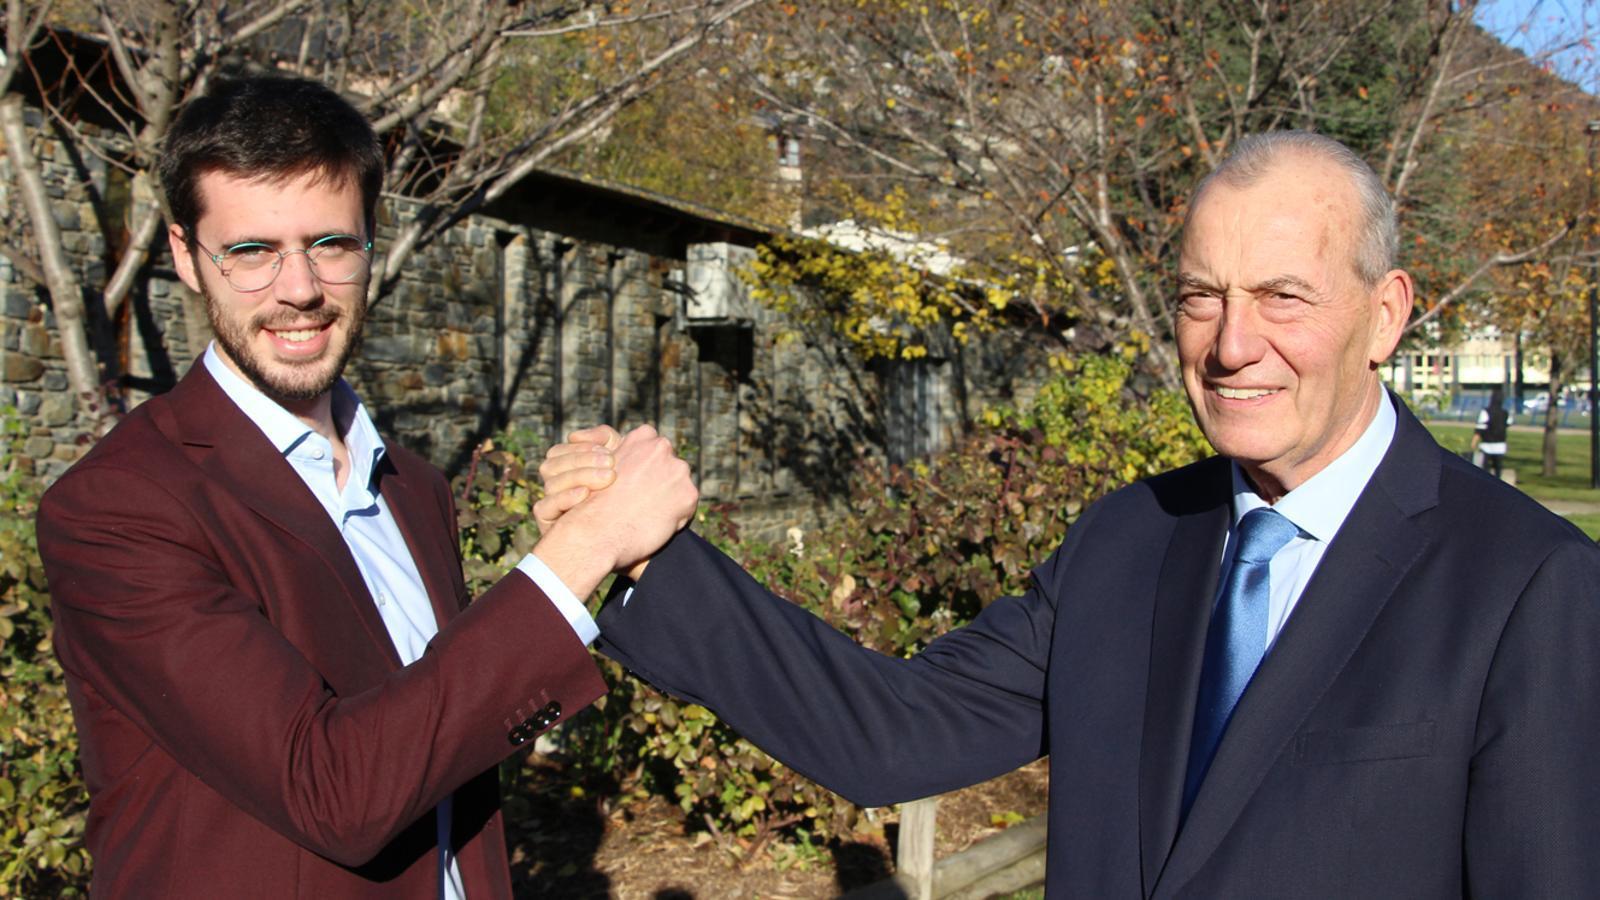 El candidat de Desperta Laurèdia a Sant Julià, Cerni Cairat, i el cap de llista de Demòcrates + Independents a Escaldes-Engordany, Miquel Aleix. / A. S.